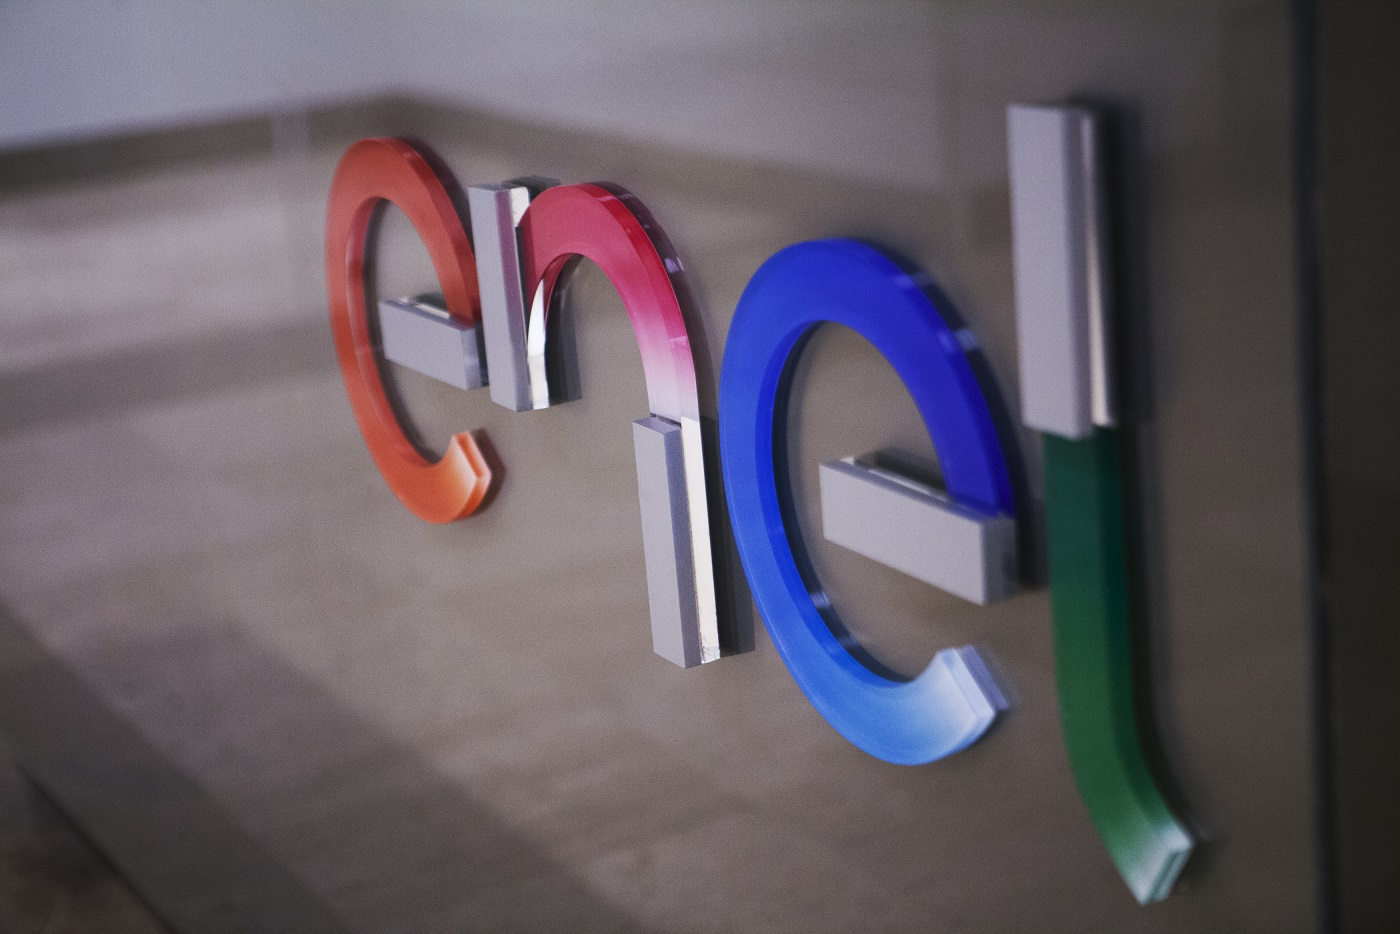 """Enel, Schneider Electric și Forumul Economic Mondial raportul """"Orașe cu zero emisii nete de carbon: O abordare integrată"""""""